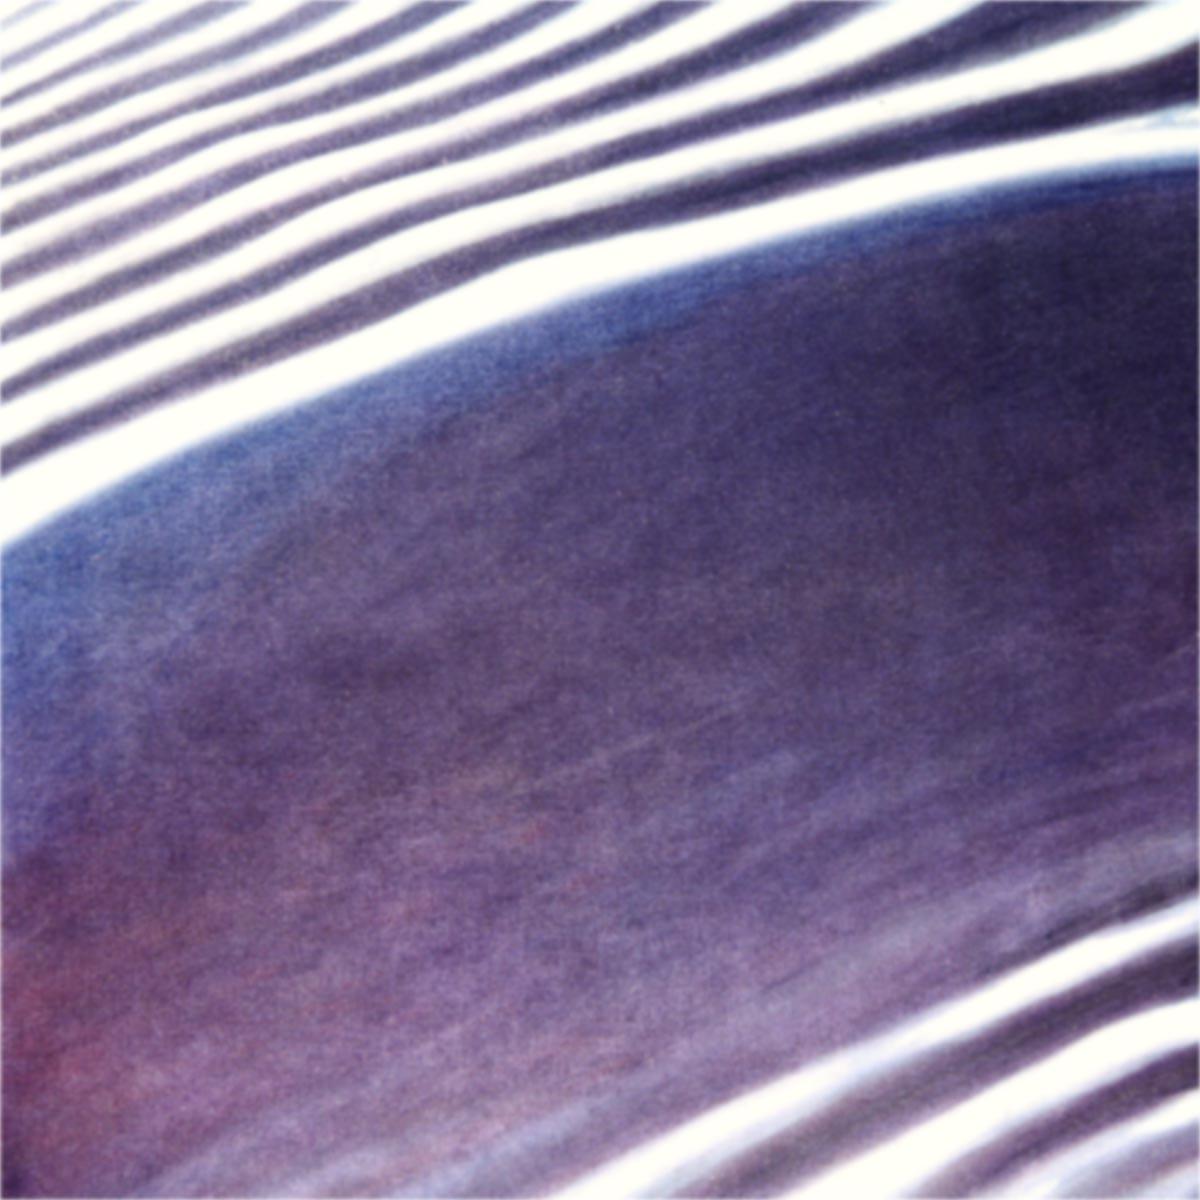 gemaelde acqua 3 wasser italien meer foto dia projektion airbrush wellen bewegung lichtreflexionen heidelberg